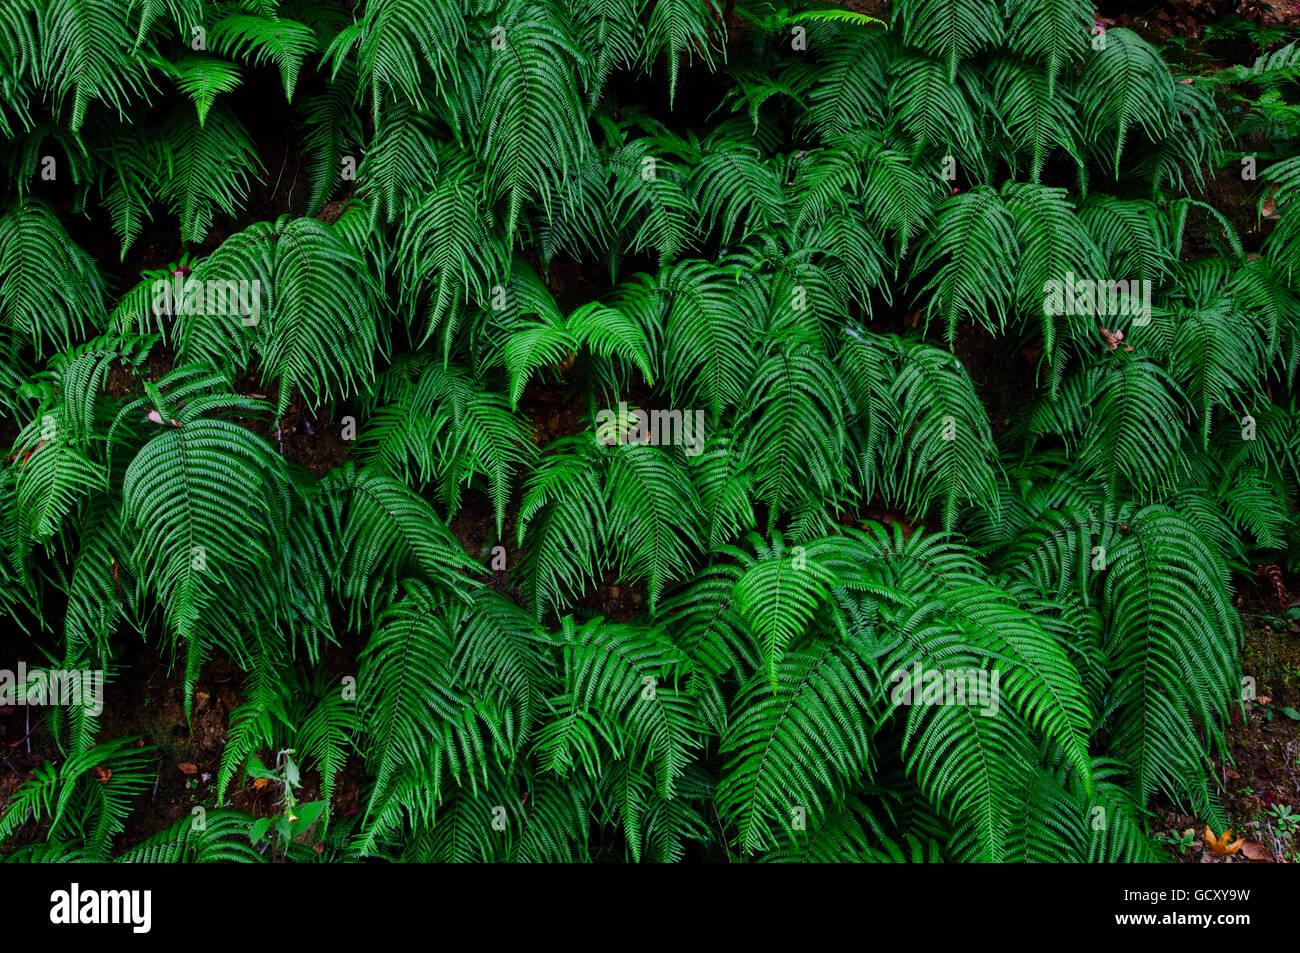 Fern plants, Sagano, Kansai, Japan, Asia - Stock Image